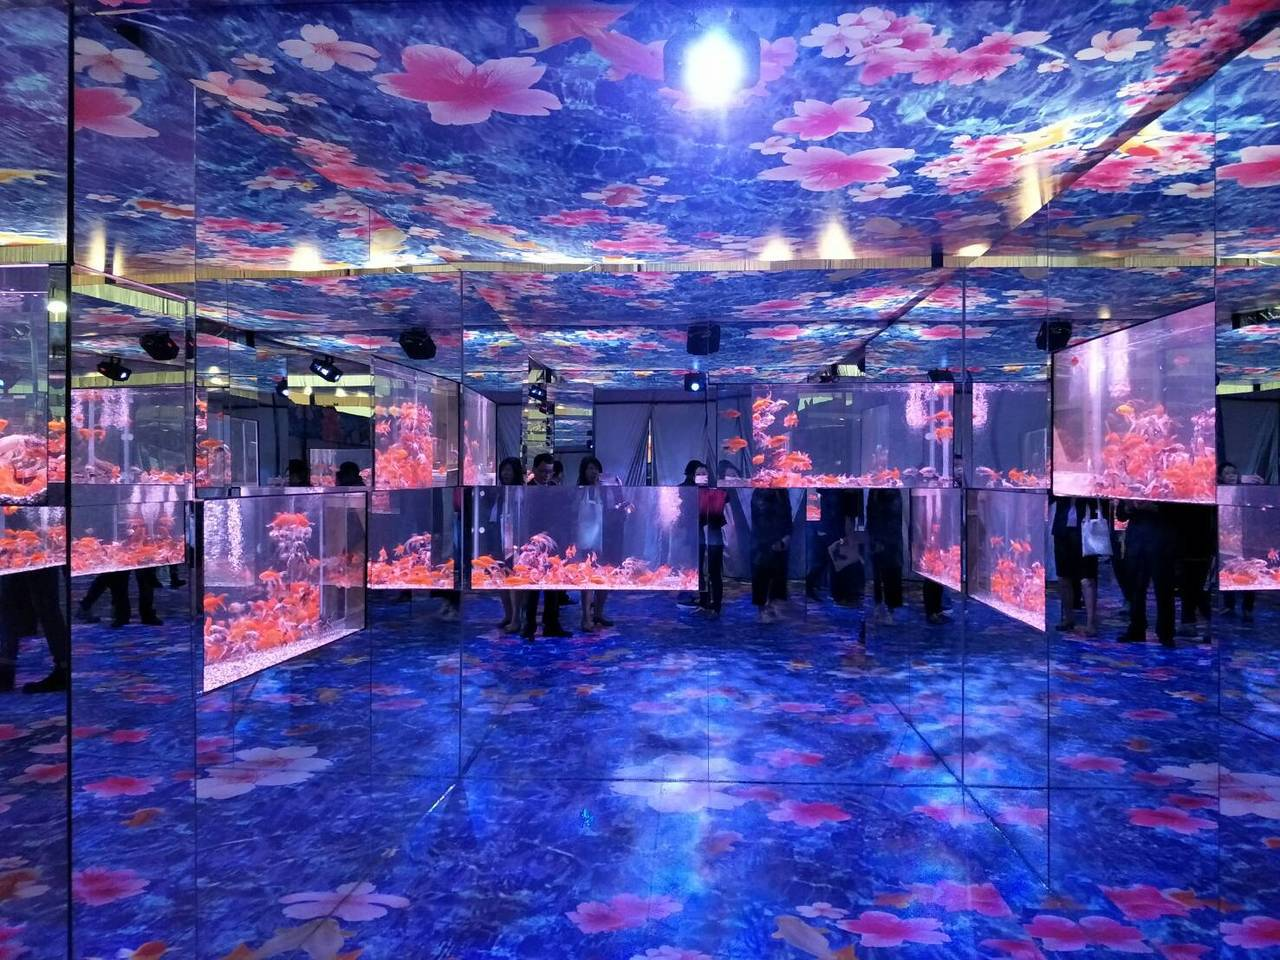 元旦四天連假展開,國立海洋科技博物館「金玉滿堂-迎春金魚特展」也盛大揭幕,即日起...